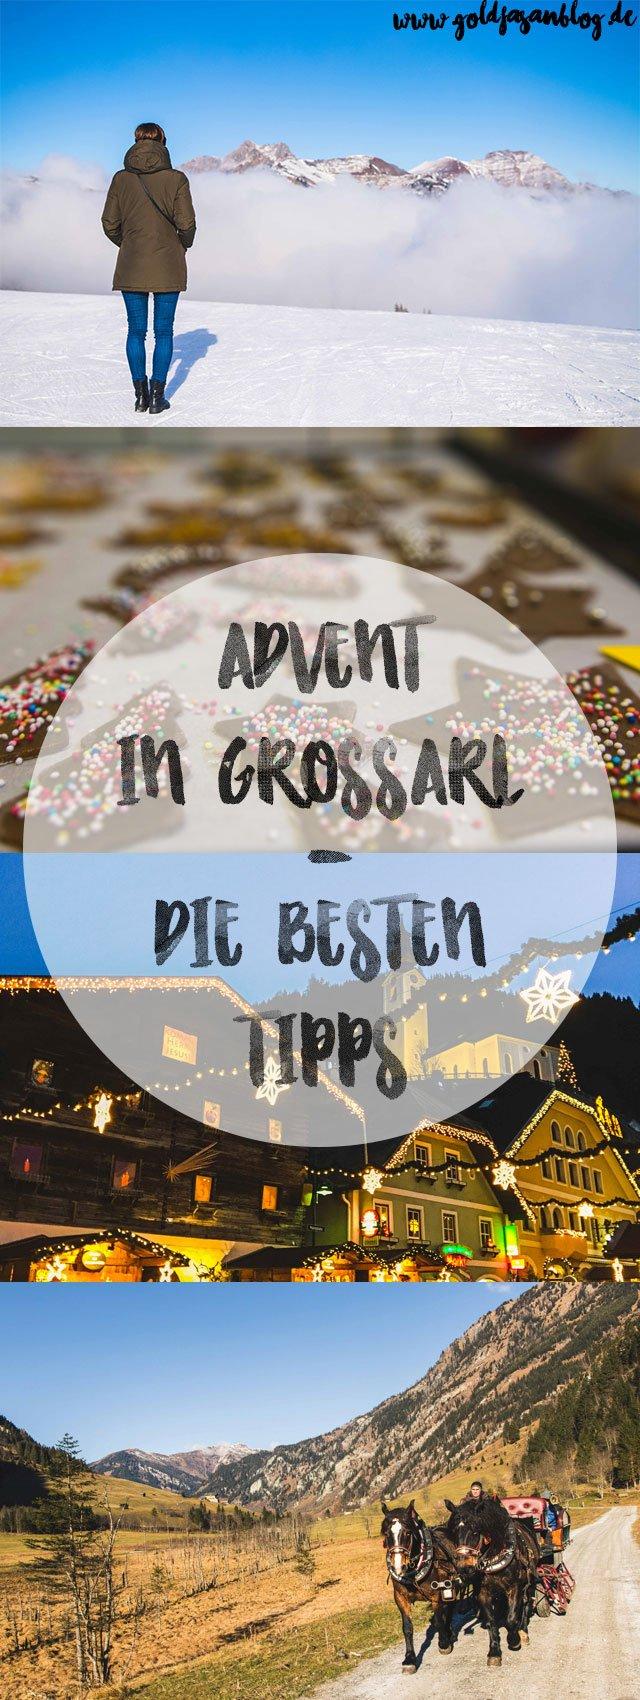 Collage mit Tipps für Großarl im Advent